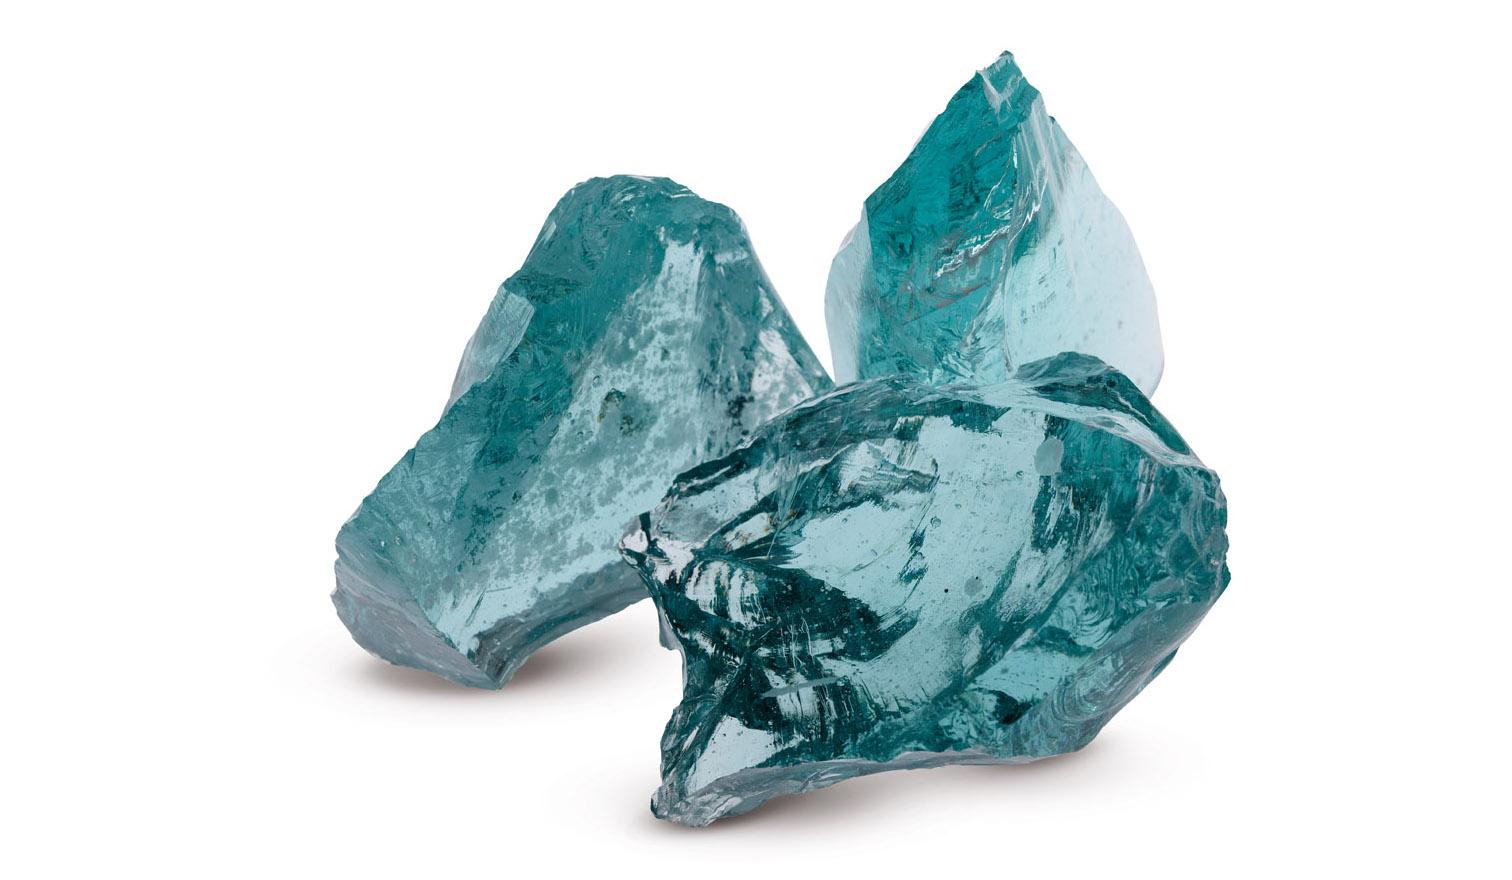 verre concassé turquoise pour arborer votre jardin